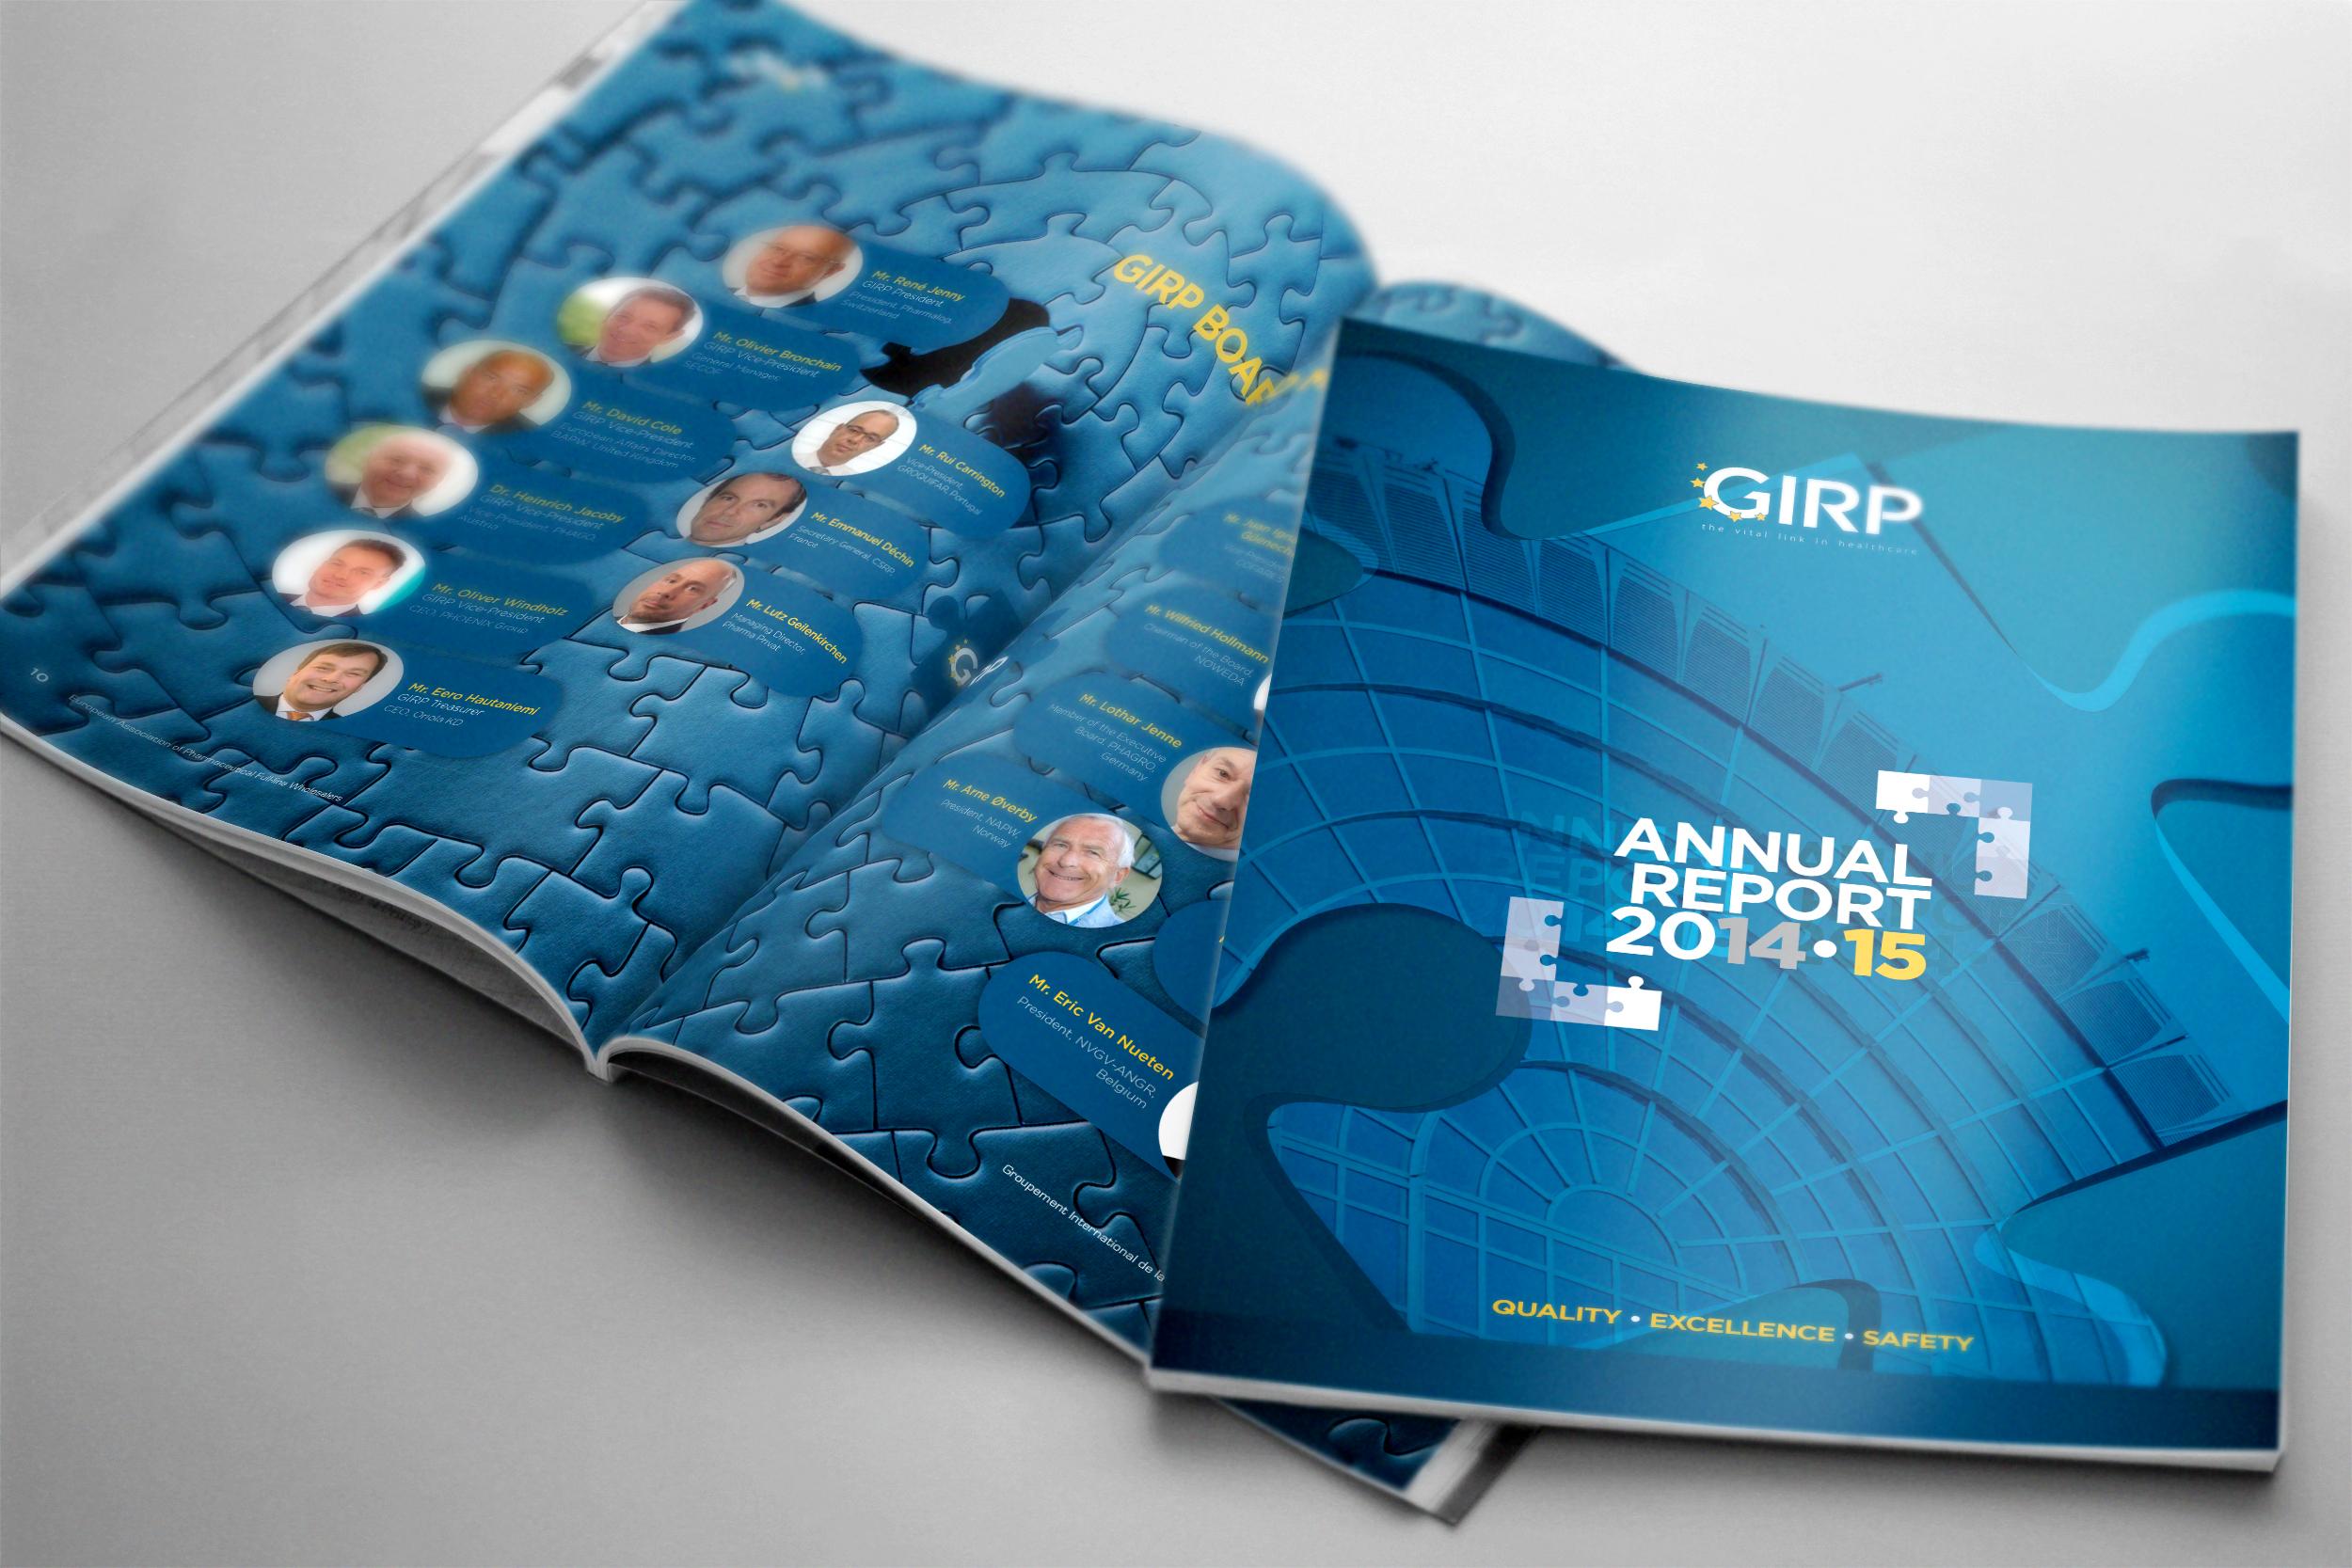 05. GIRPAR201401.jpg